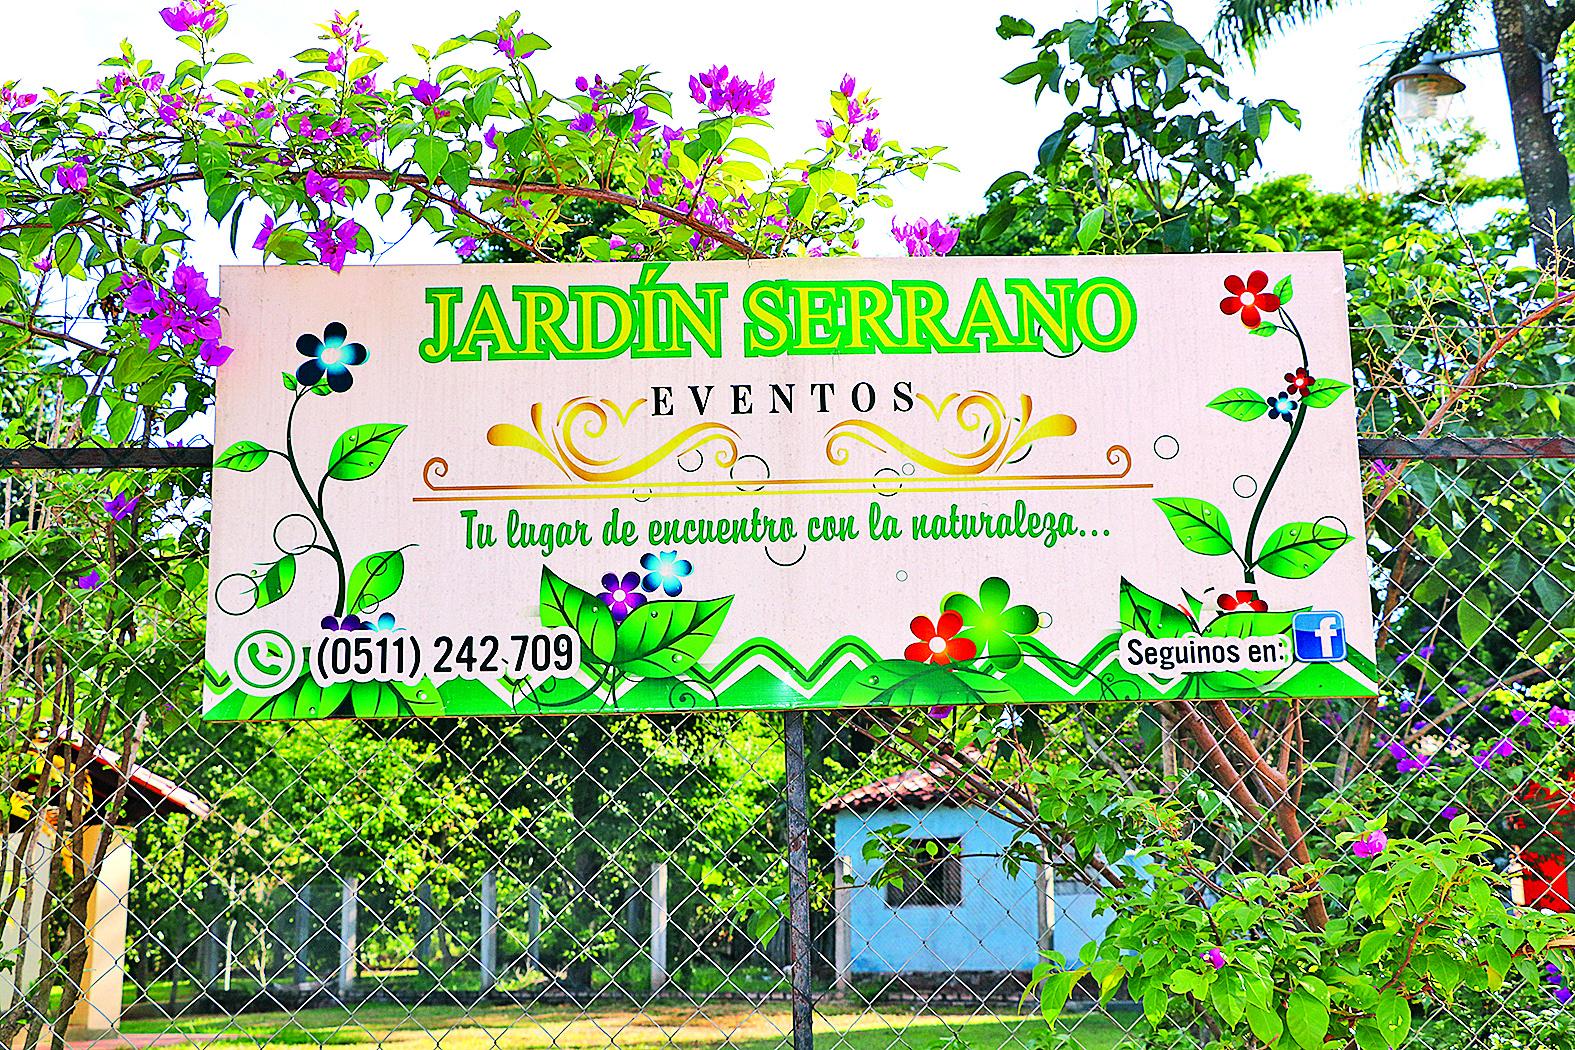 Jardín Serrano: Un lugar para salir de la rutina